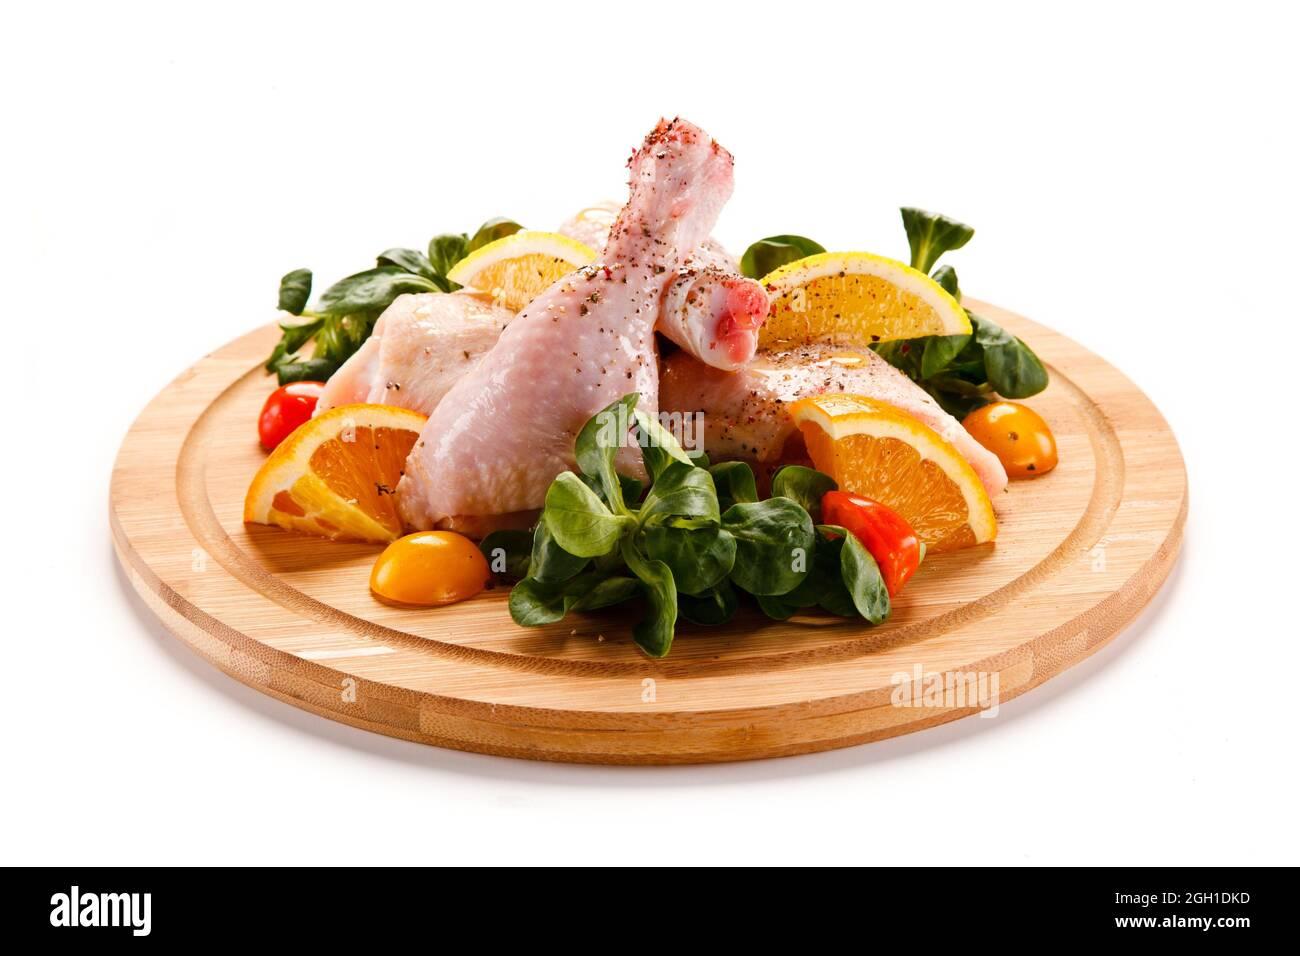 Chuletas de cerdo crudas en tabla de cortar y verduras. Foto de stock